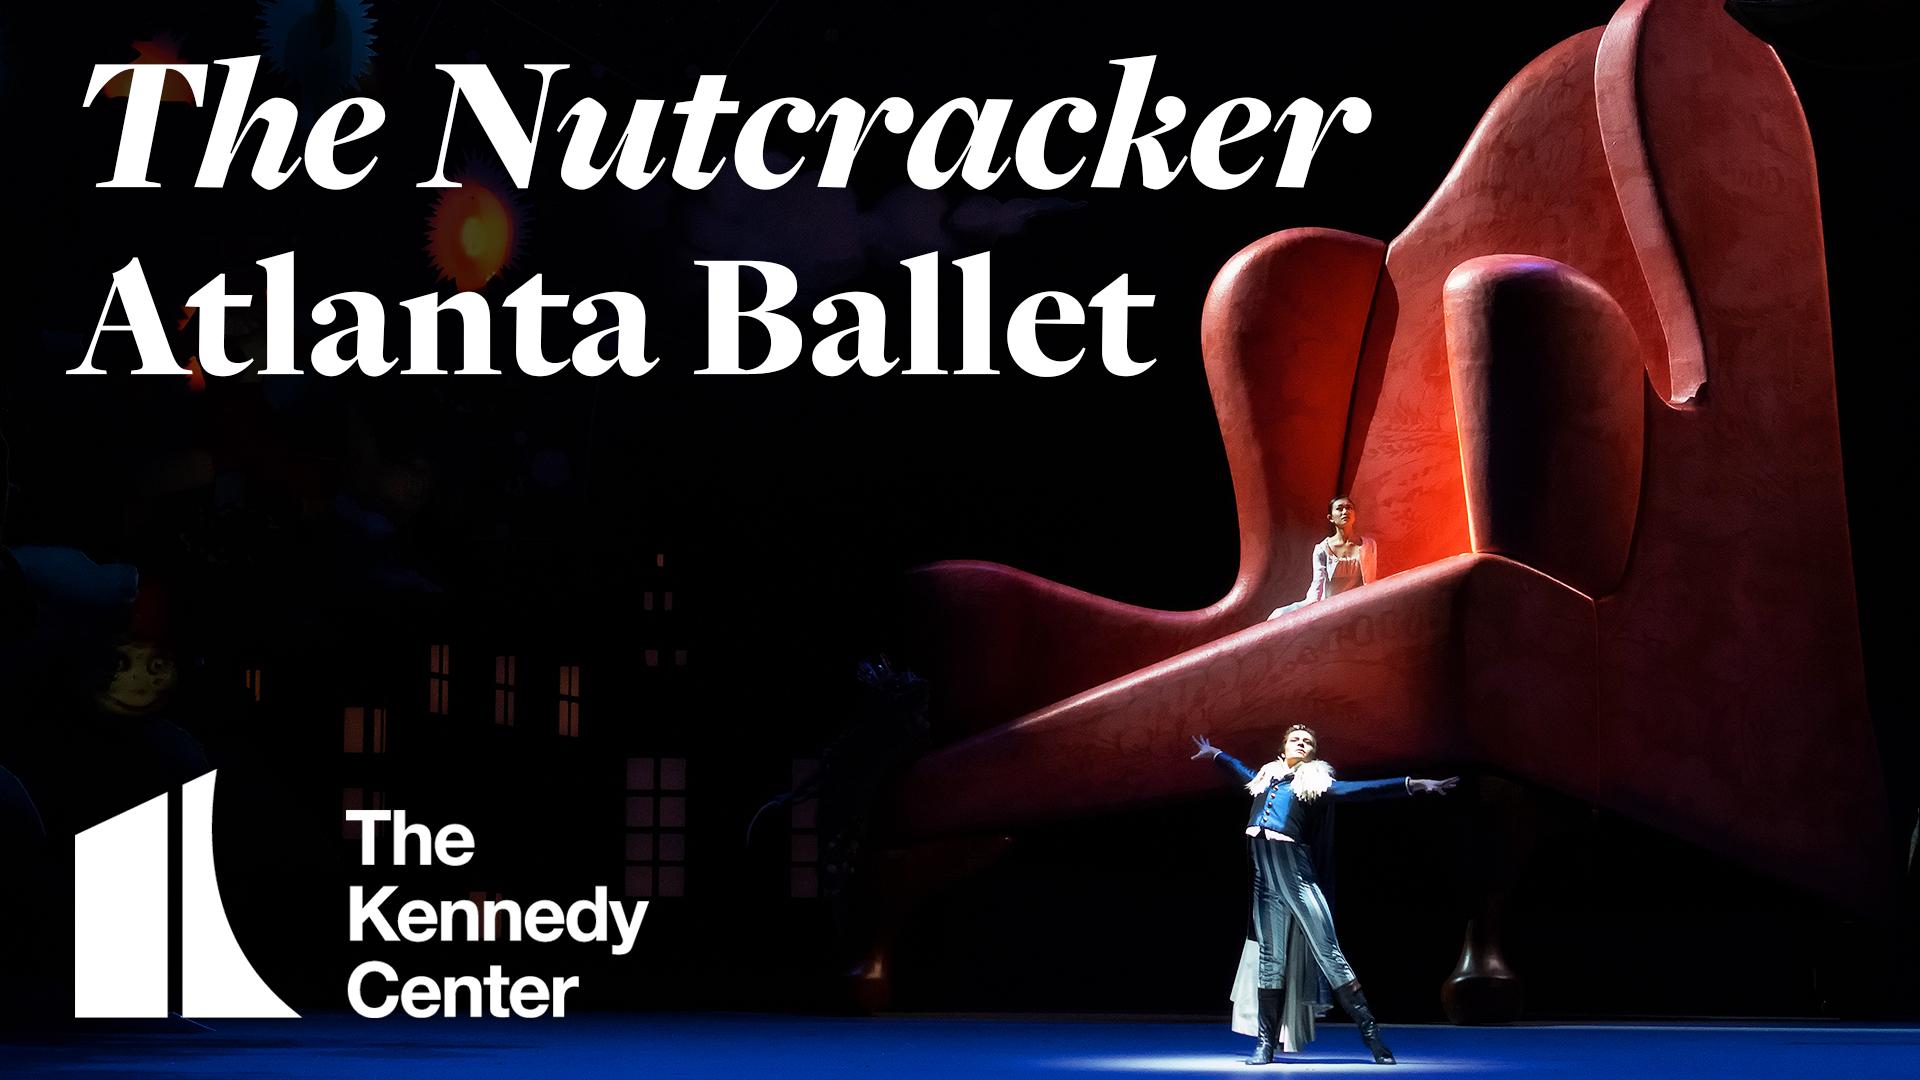 Atlanta Ballet: The Nutcracker | Nov. 27 - Dec. 1 | The Kennedy Center